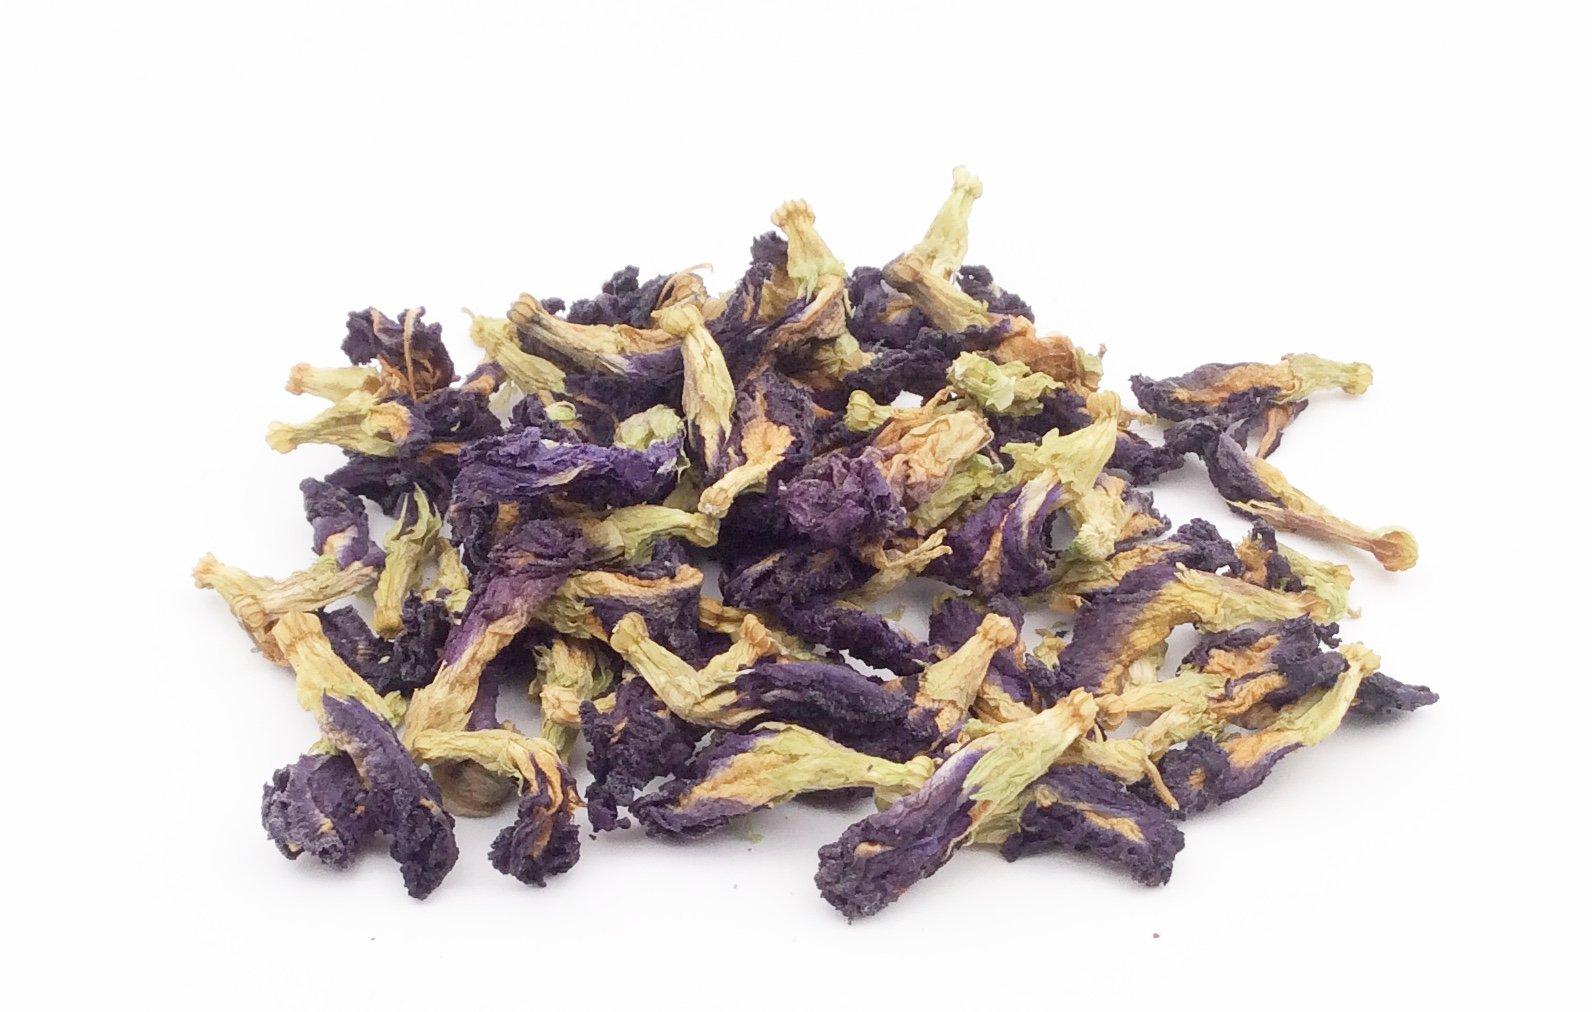 Blau-Tee-Anchan-Gropackung-Ganze-Blten-der-Schmetterlings-Erbse-Butterfly-pea-Schamblume-handverlesen-im-thailndischen-Bergland-100g